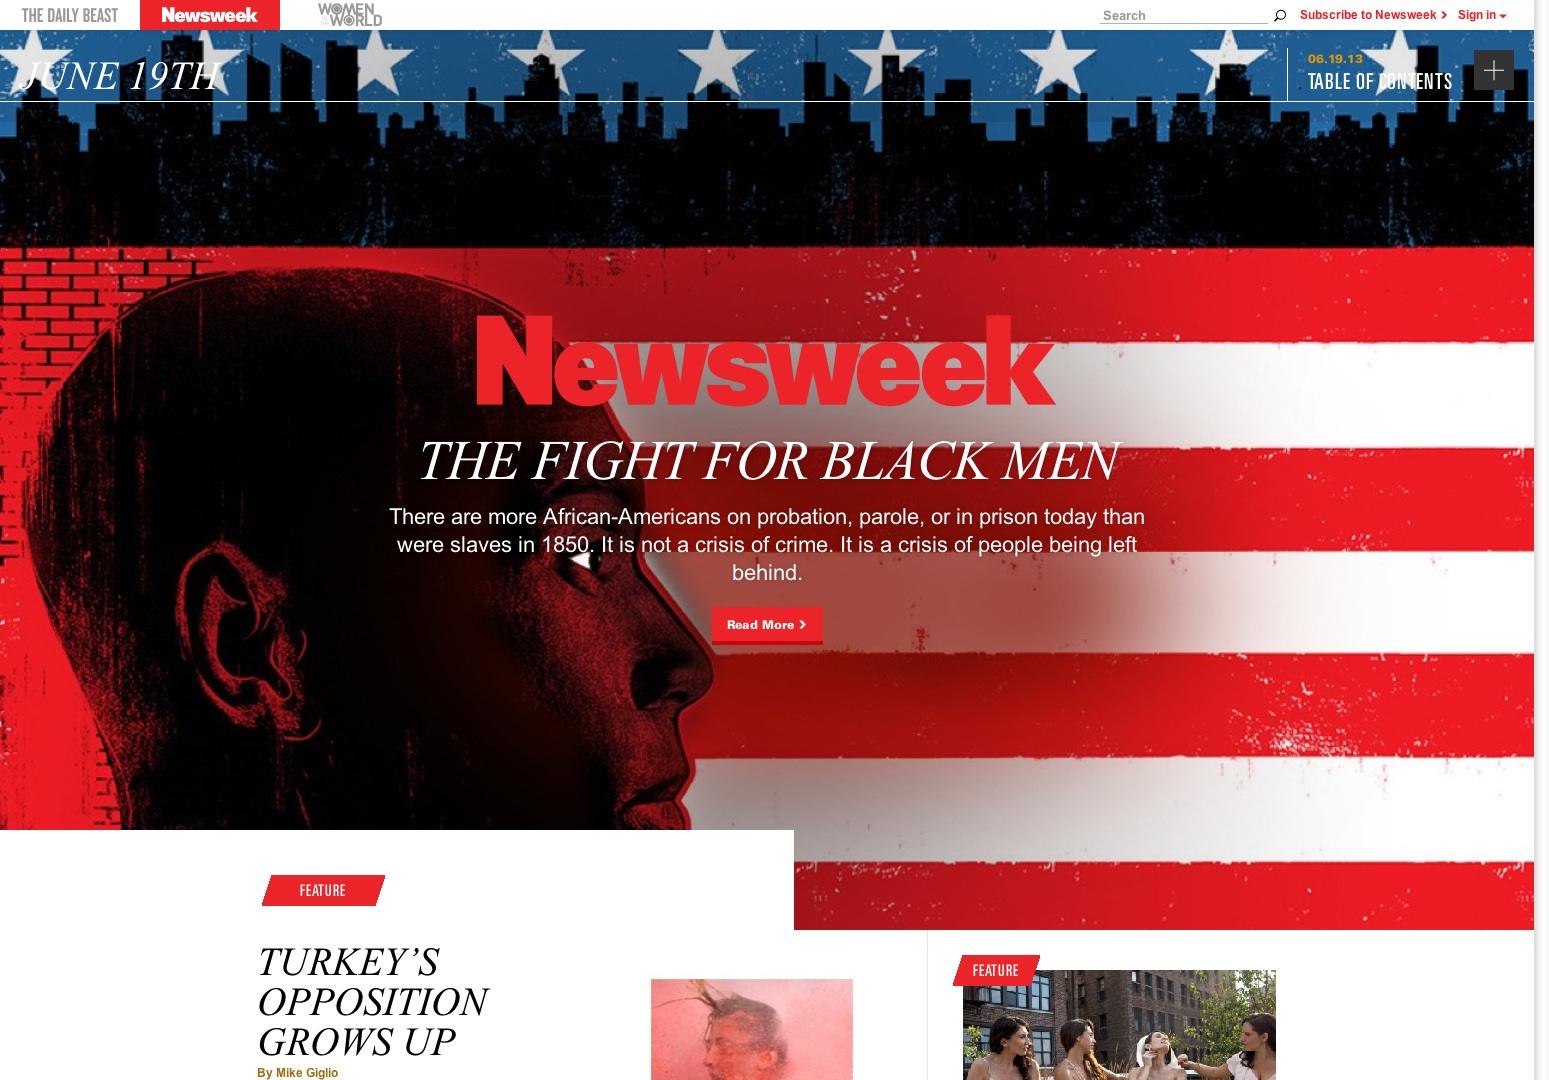 Newsweek - Newsweek and The Daily Beast